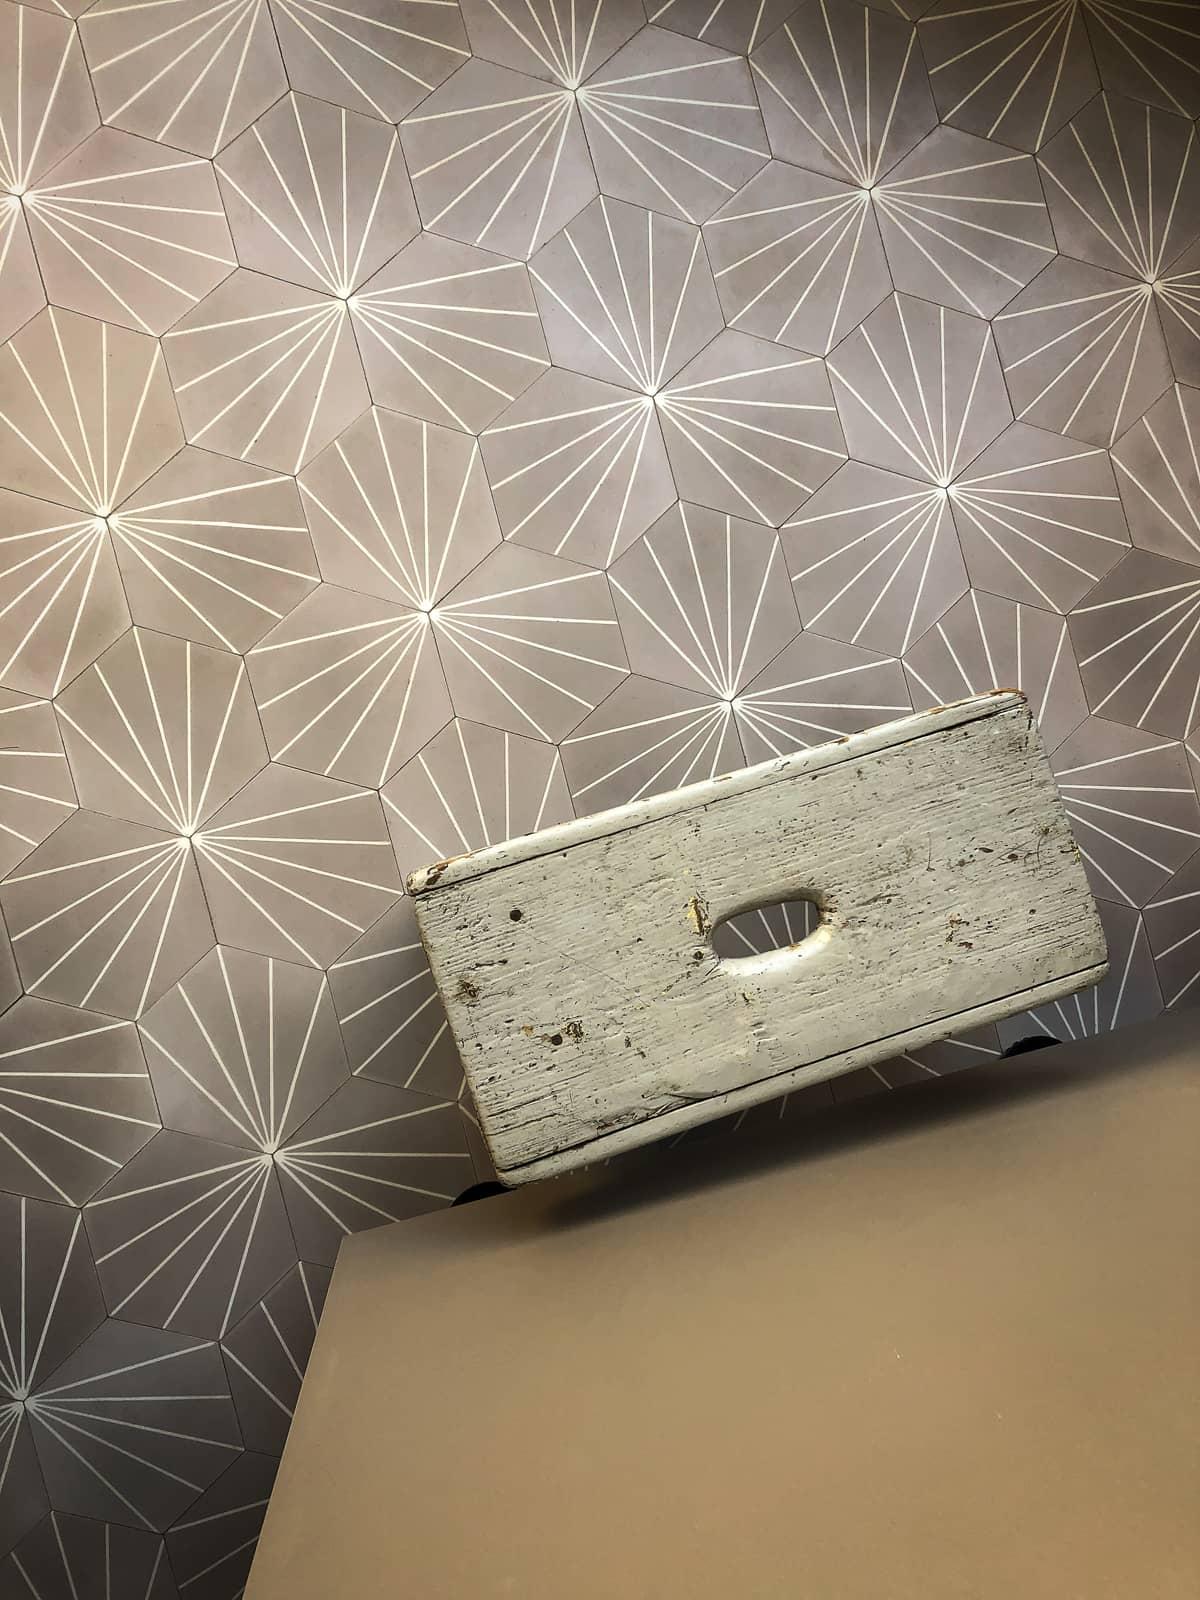 zementfliesen-viaplatten-zementmosaikplatte-sechseck-hocker-nr.600852 | 600852